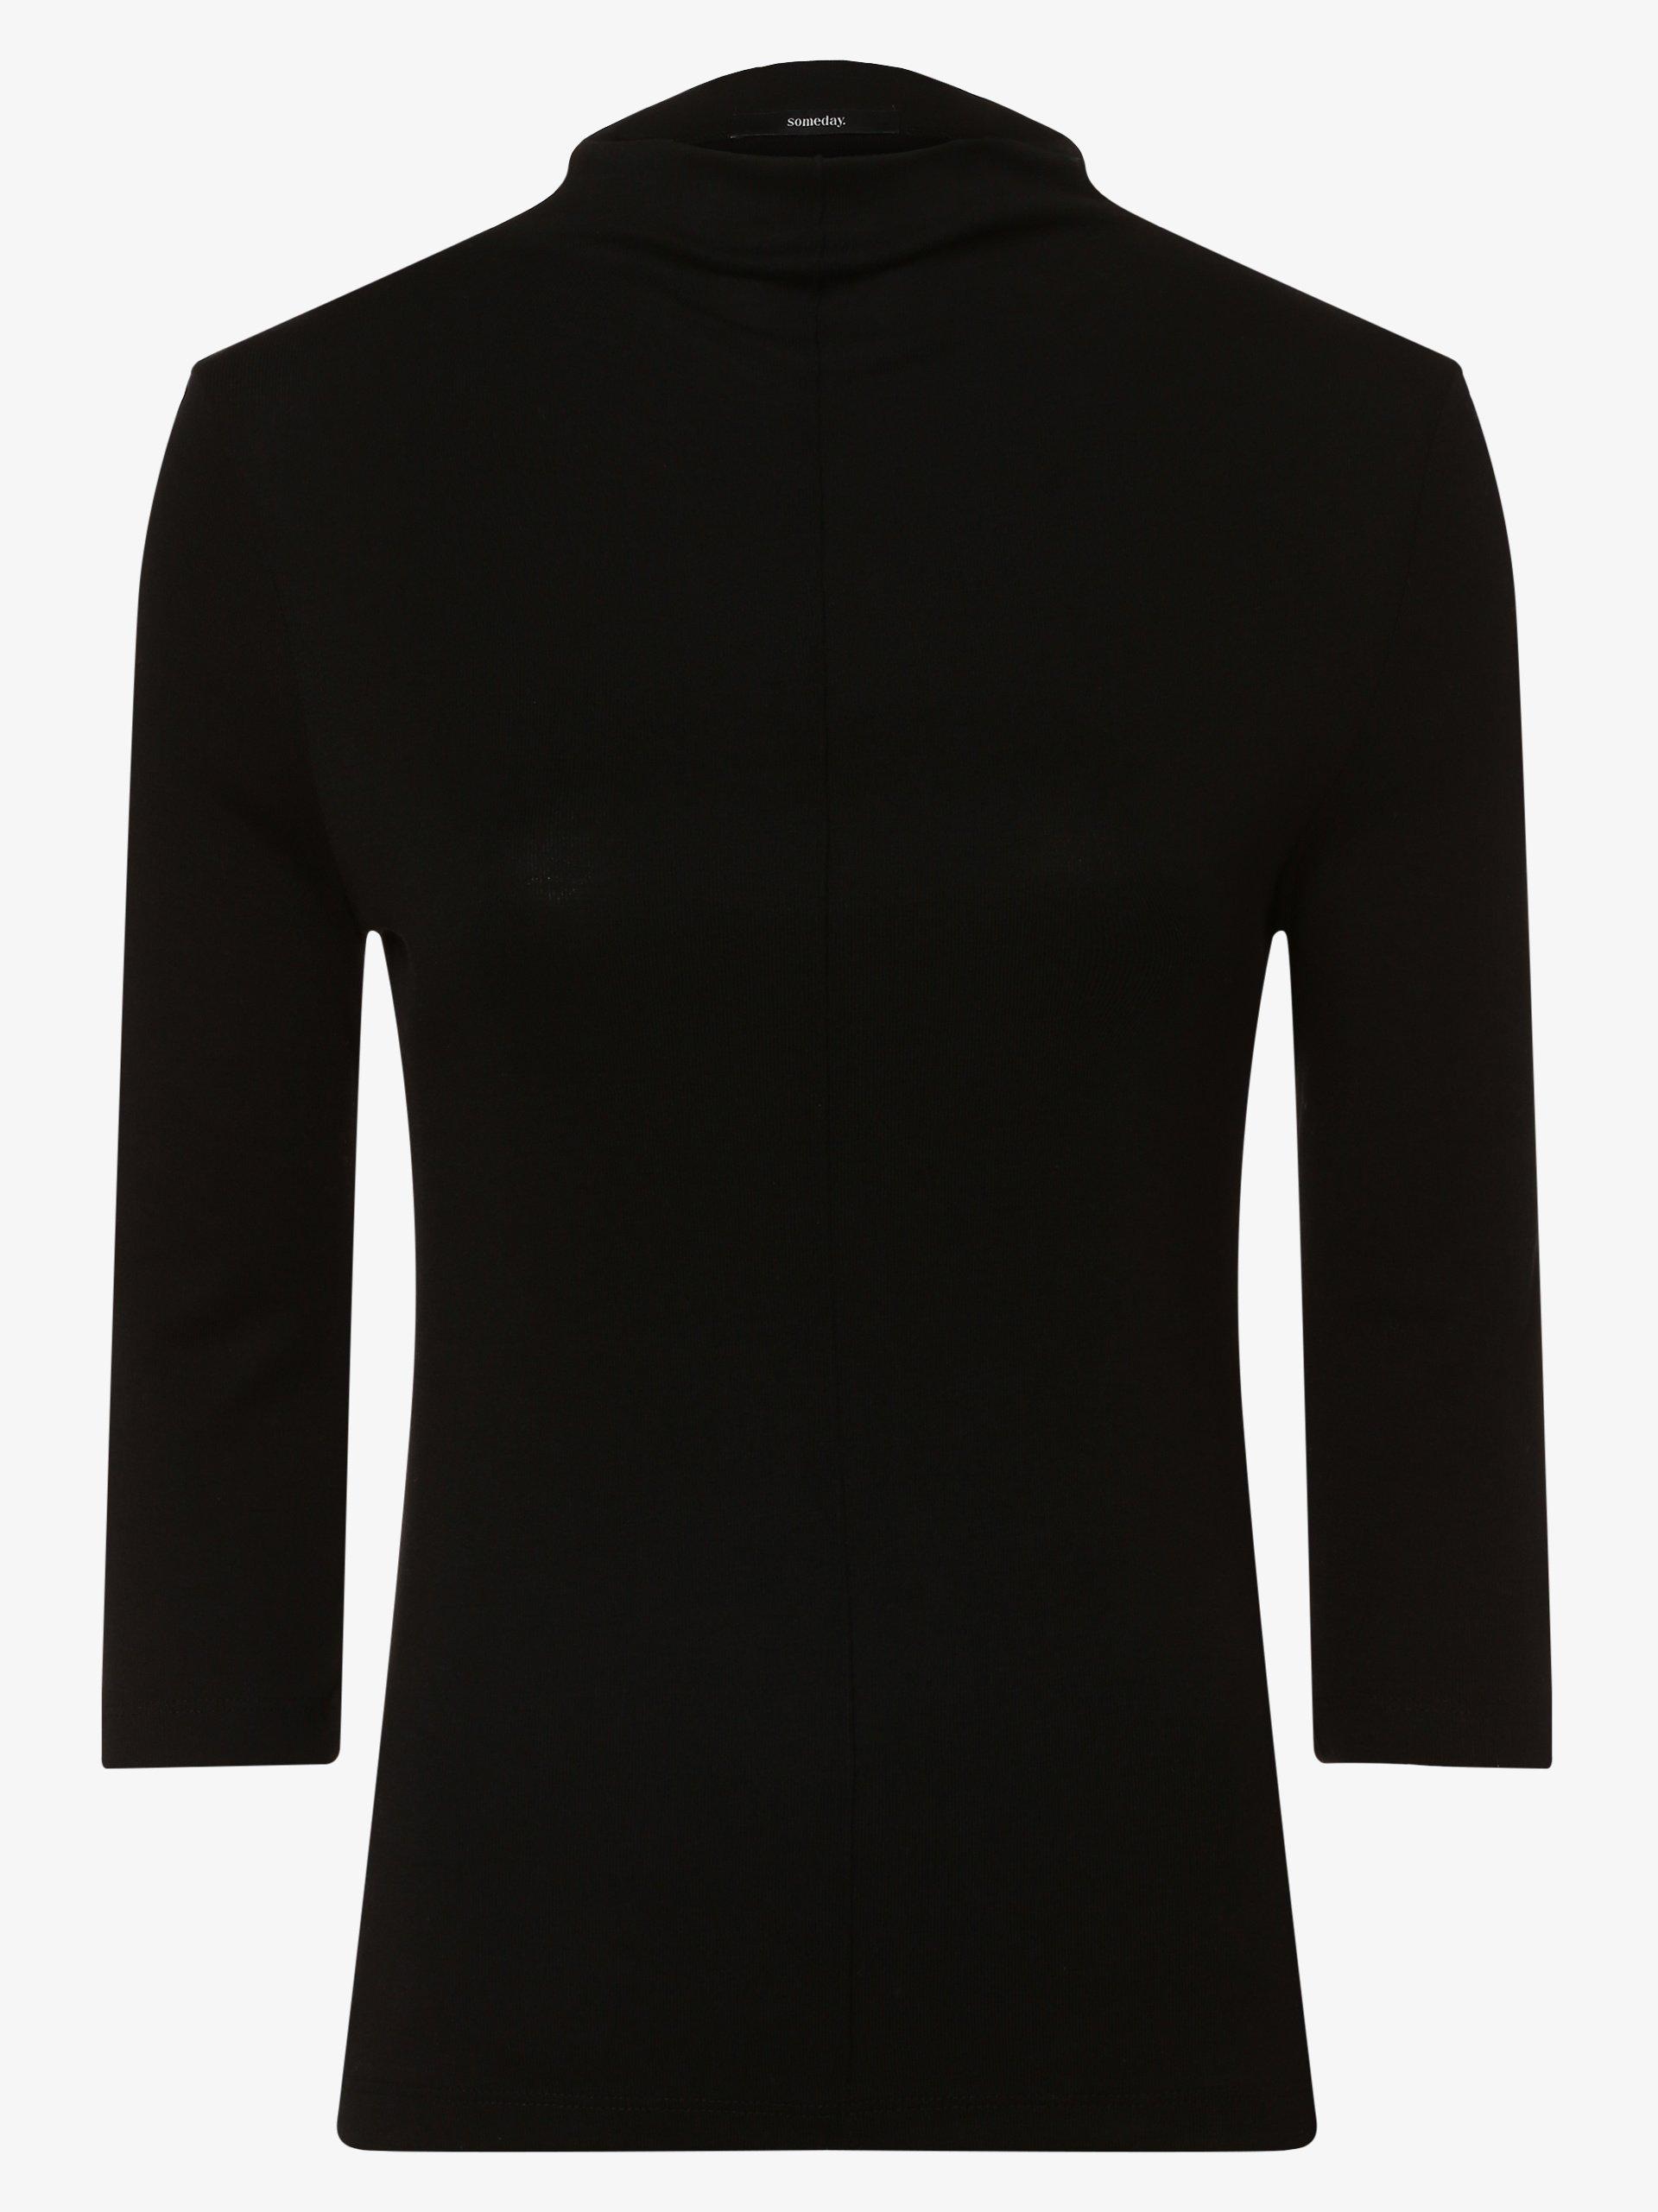 Someday Damen Langarmshirt - Keeli